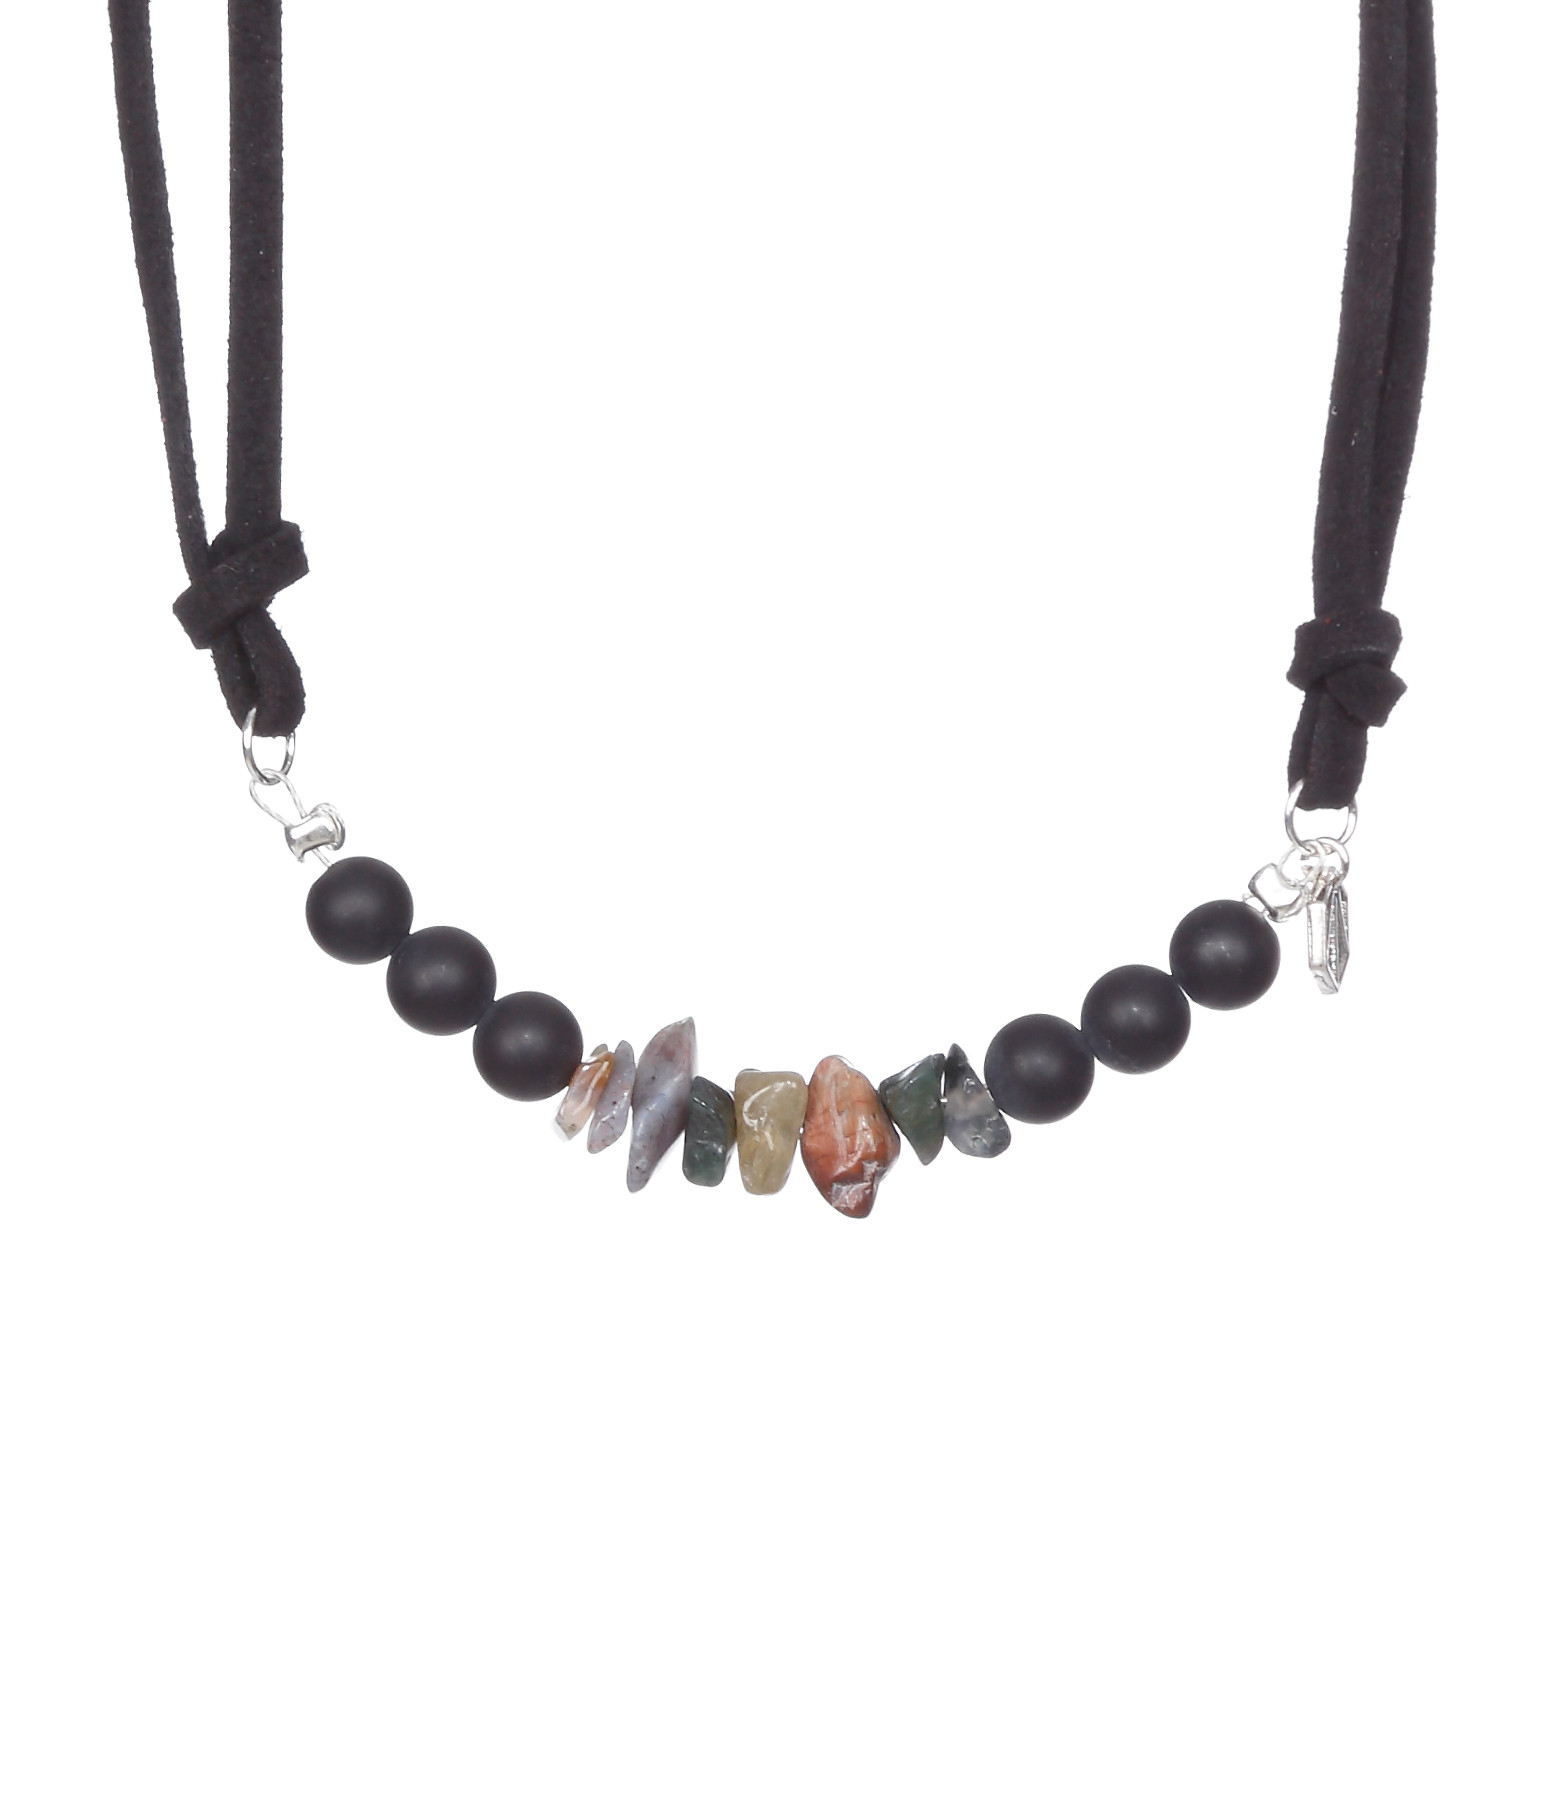 Bracelet Cuir The Pass Noir Onyx Nugget Agathe - SISTERSTONE